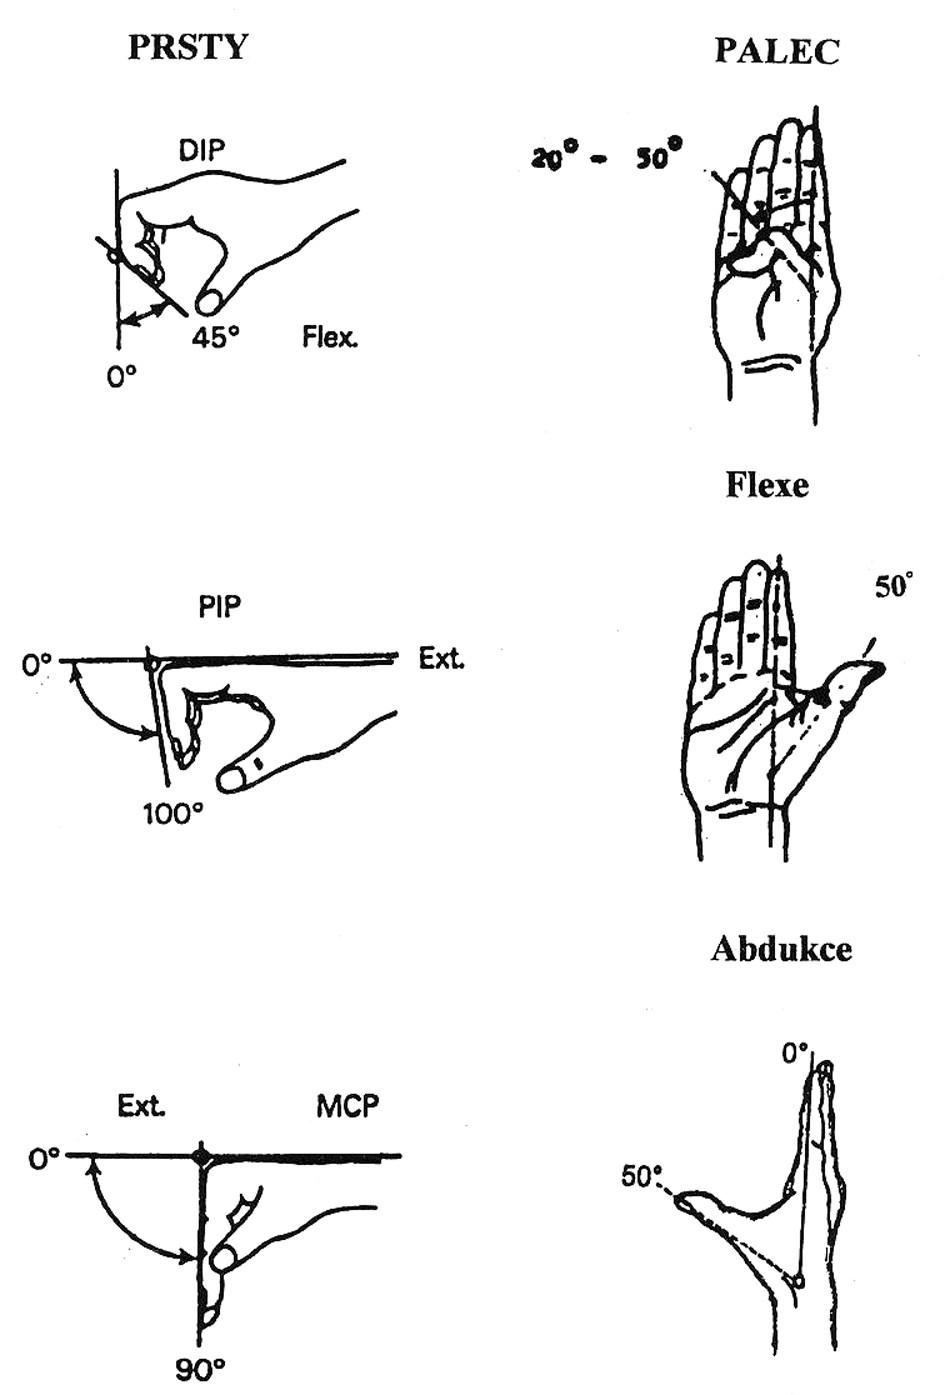 Hybnost prstů a palce